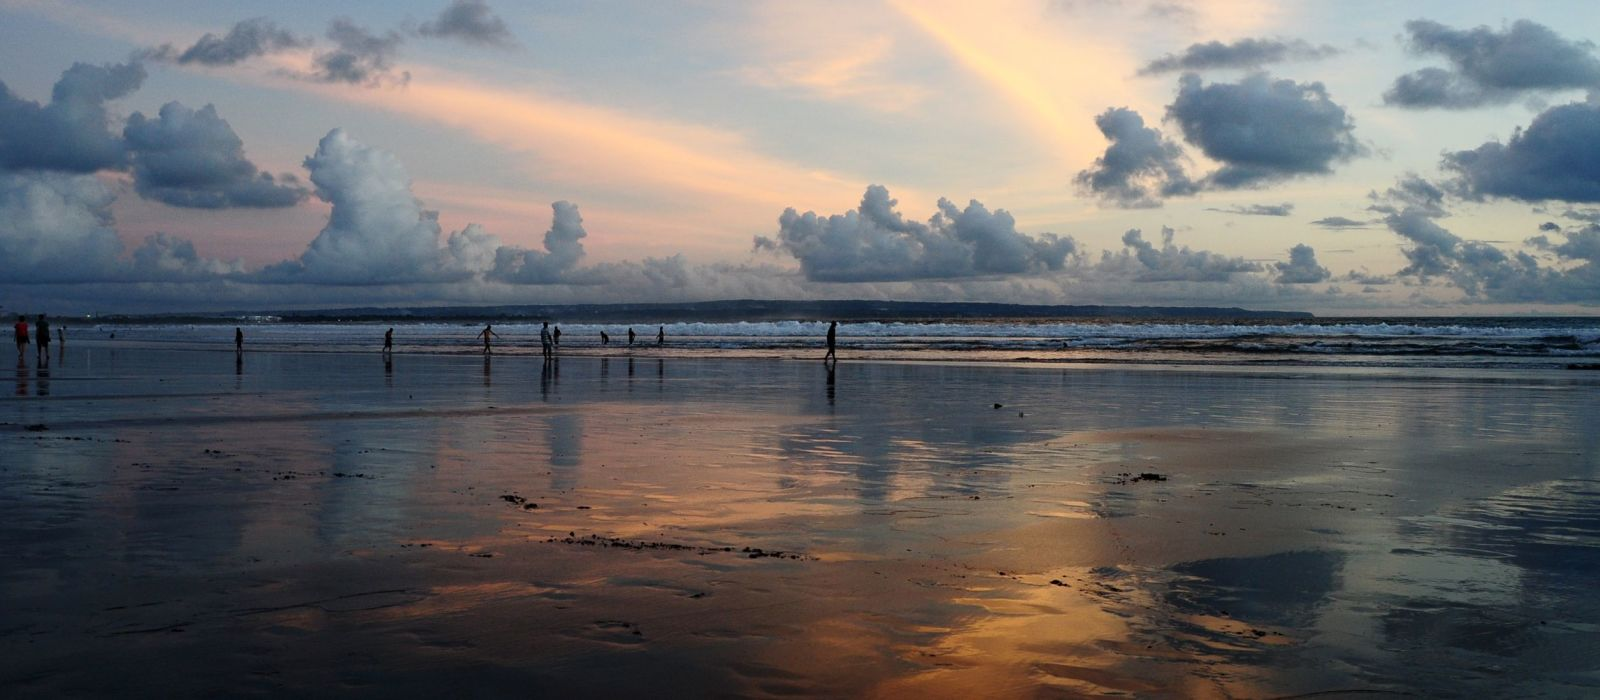 Indonesien: Von Insel zu Insel & Bali Urlaub 6